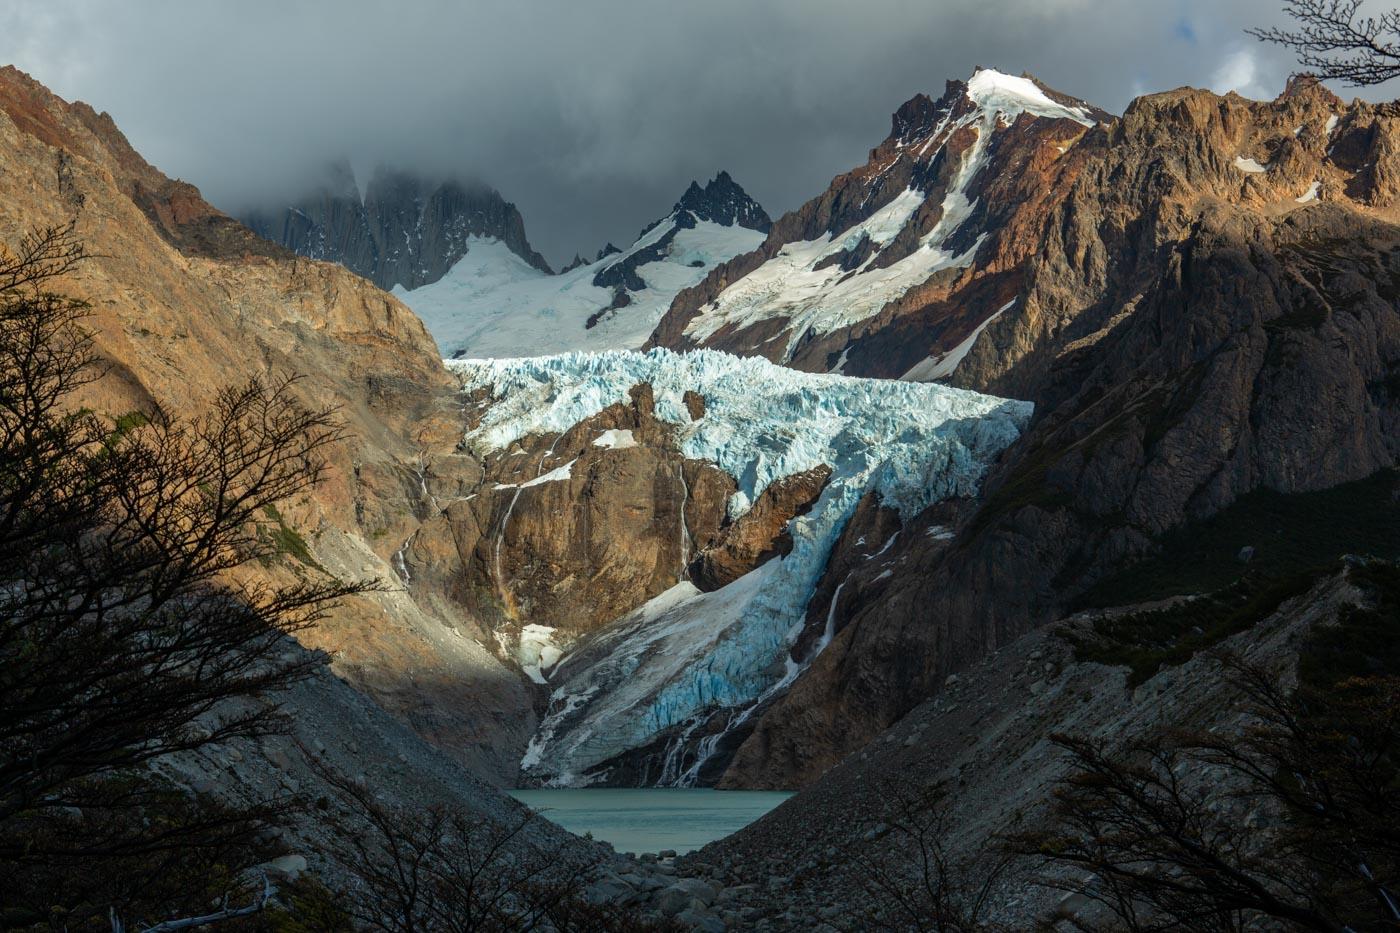 Glacier near El Chalten, Argentina.Glacier near El Chalten, Argentina.